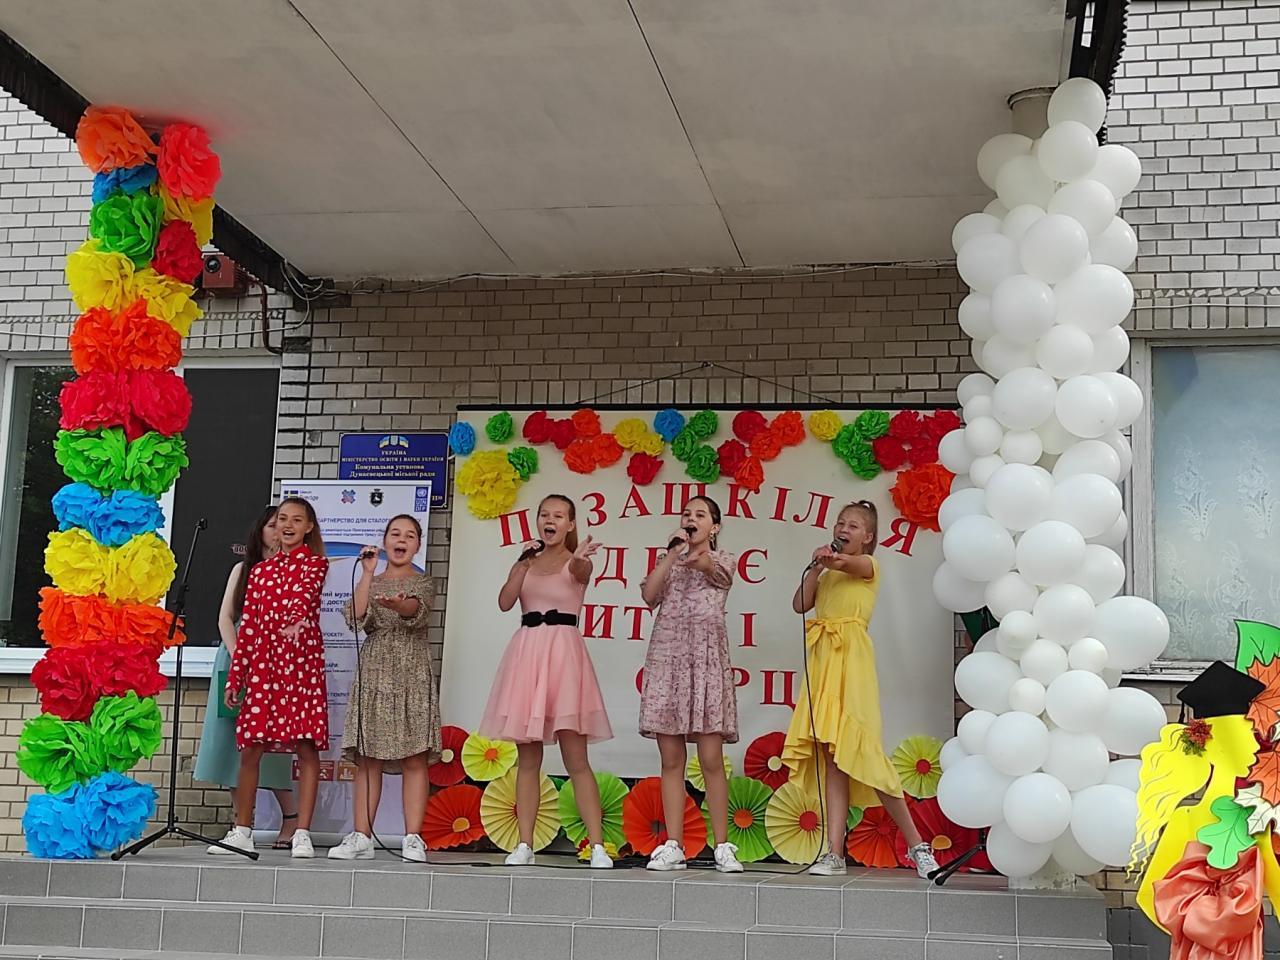 http://dunrada.gov.ua/uploadfile/archive_news/2021/09/16/2021-09-16_2545/images/images-78706.jpg